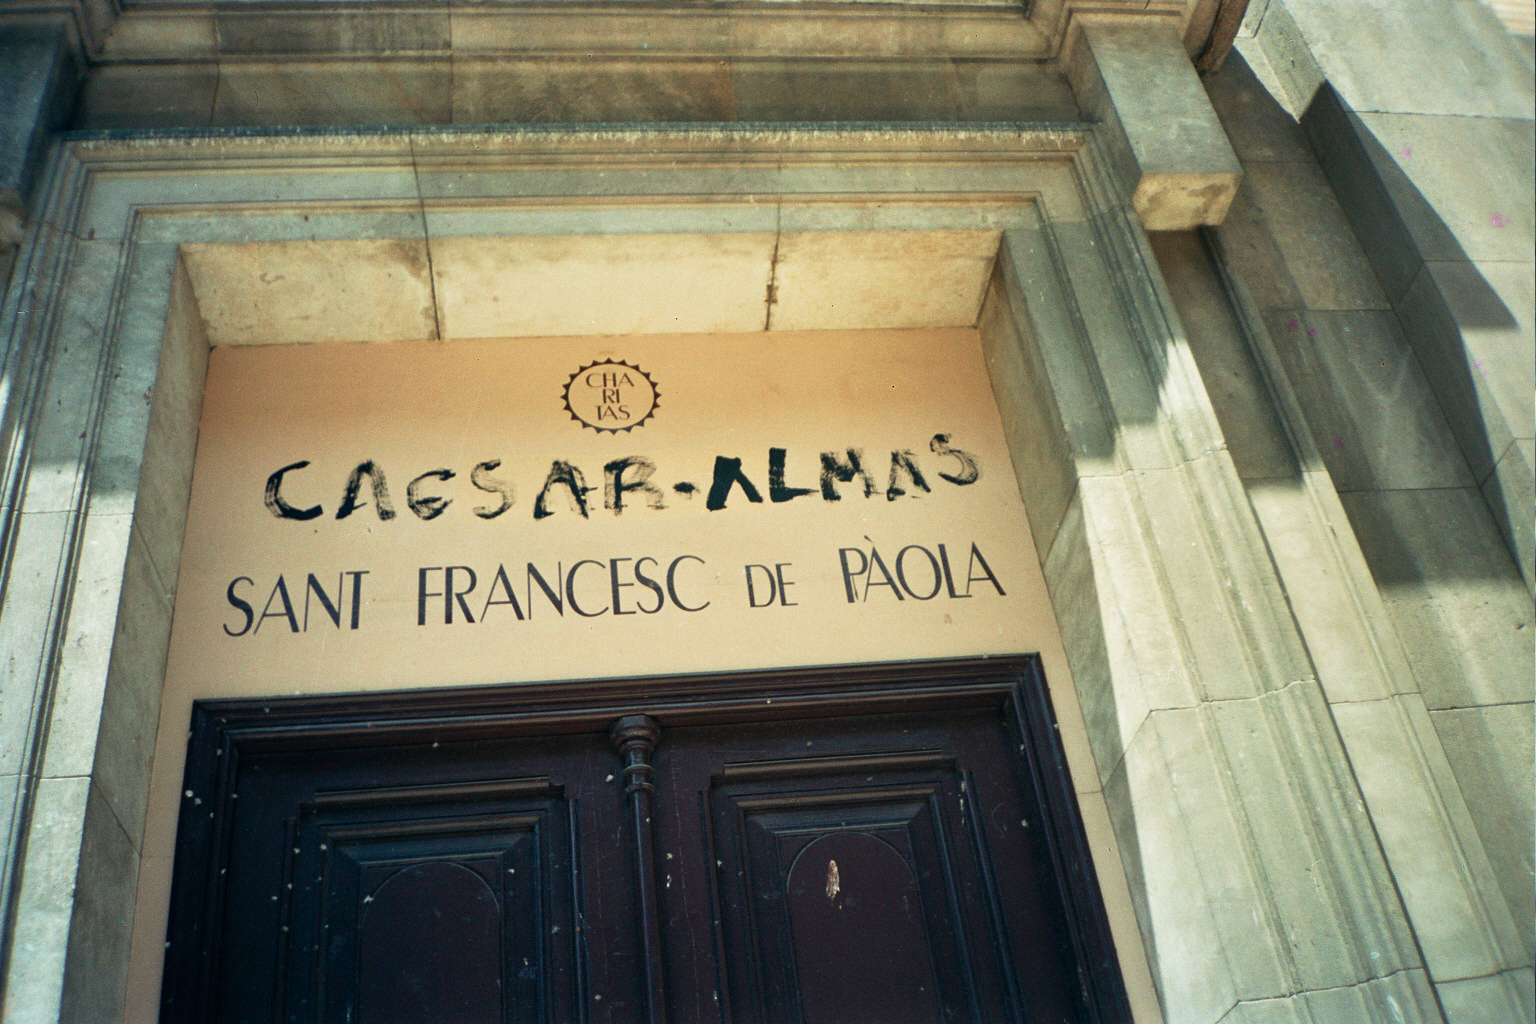 arte urbano Almas 172 Barcelona